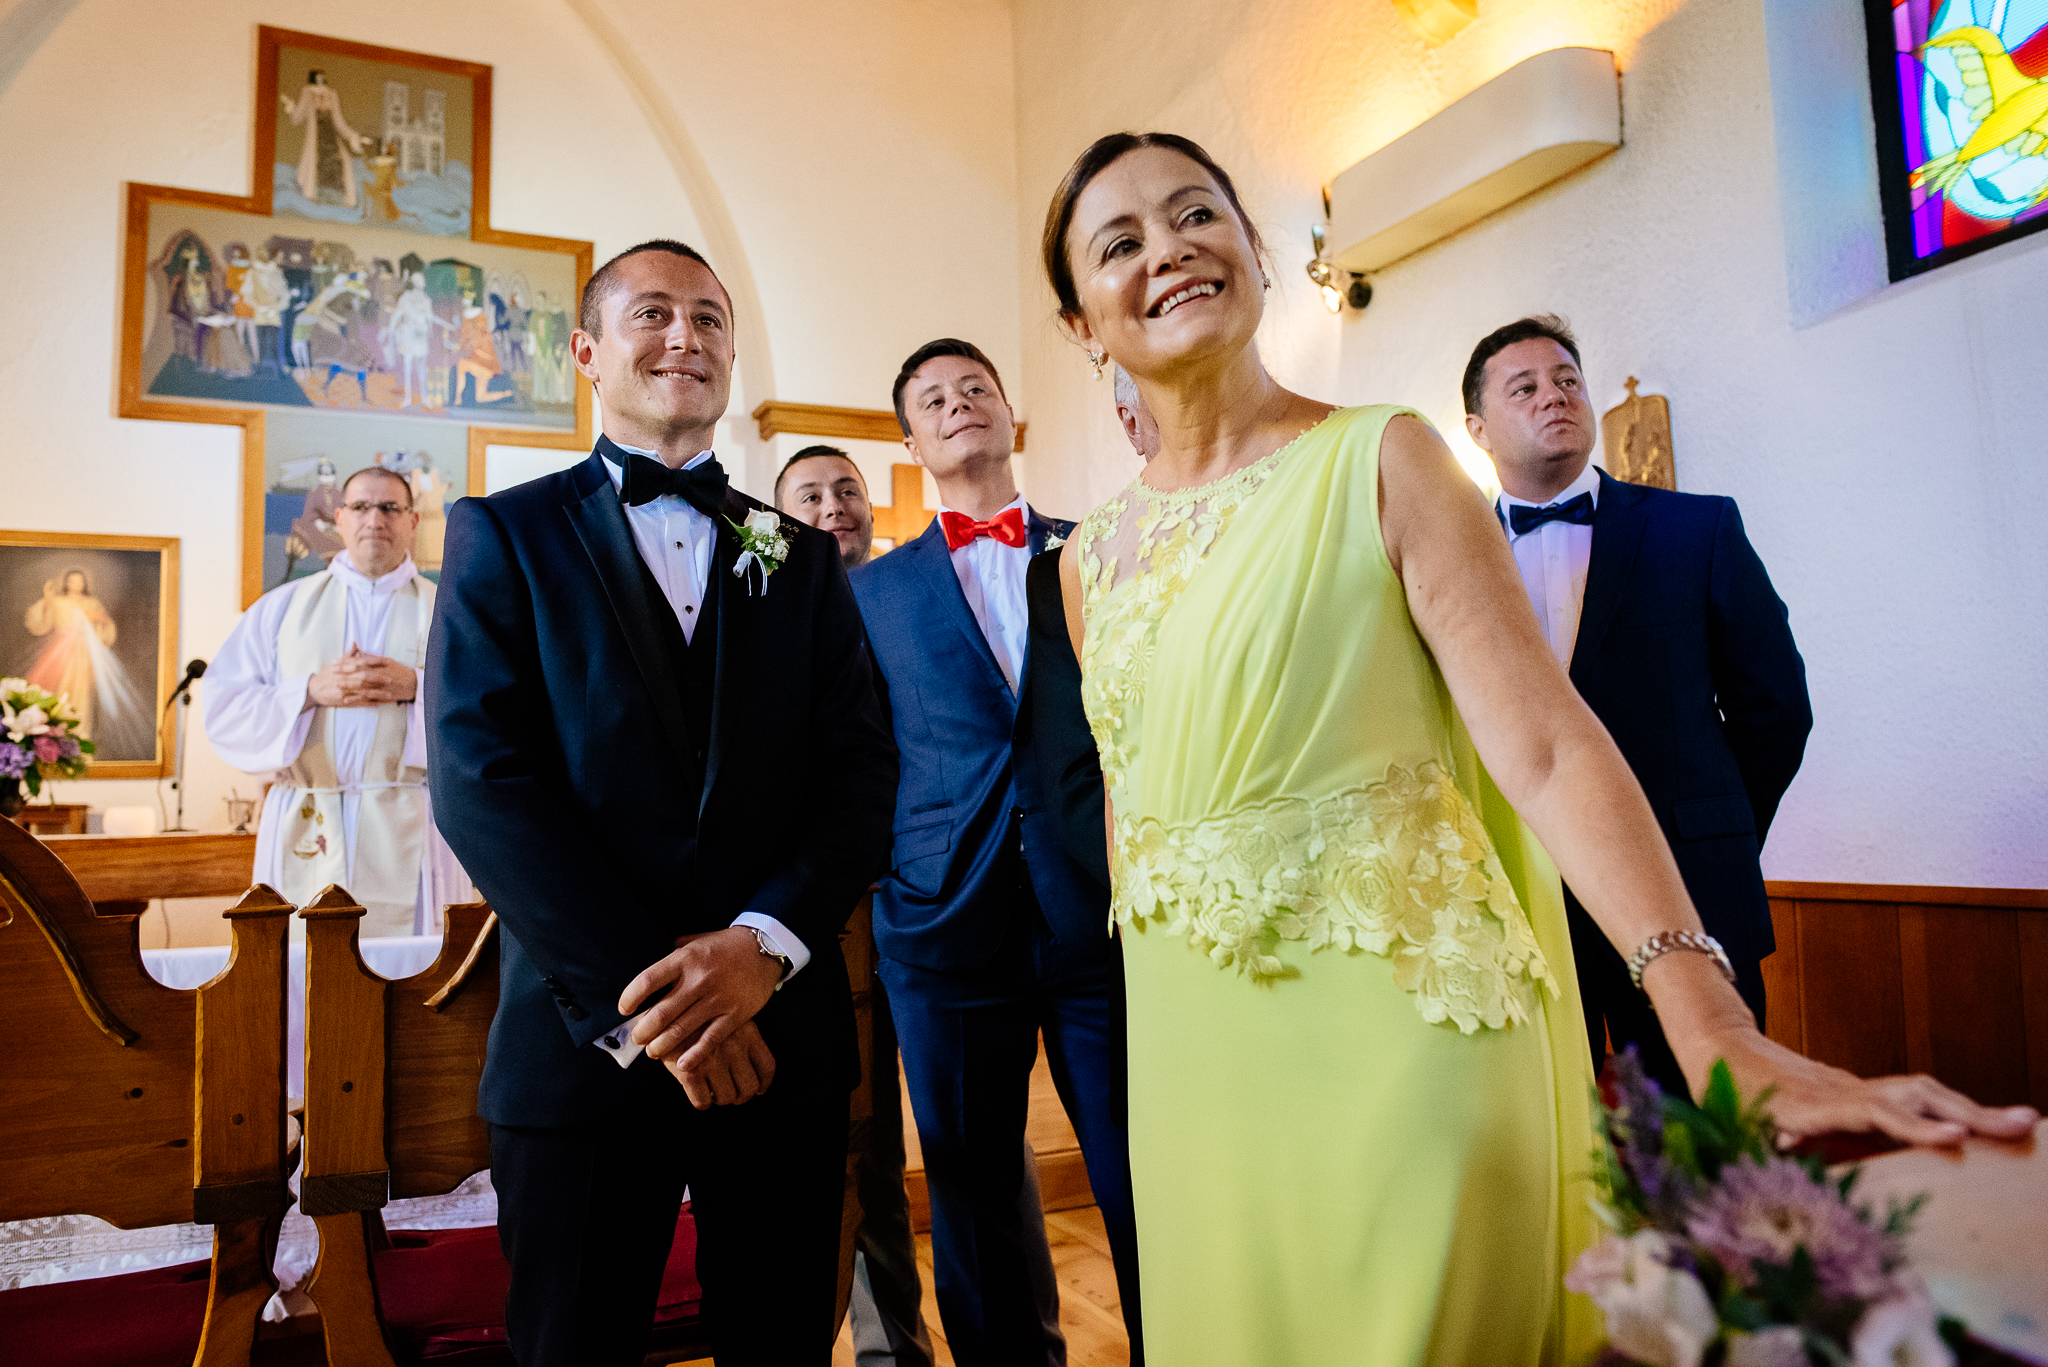 boda-bariloche-maxi-oviedo-fotografo-ramo-vestido-de-novia-27.jpg